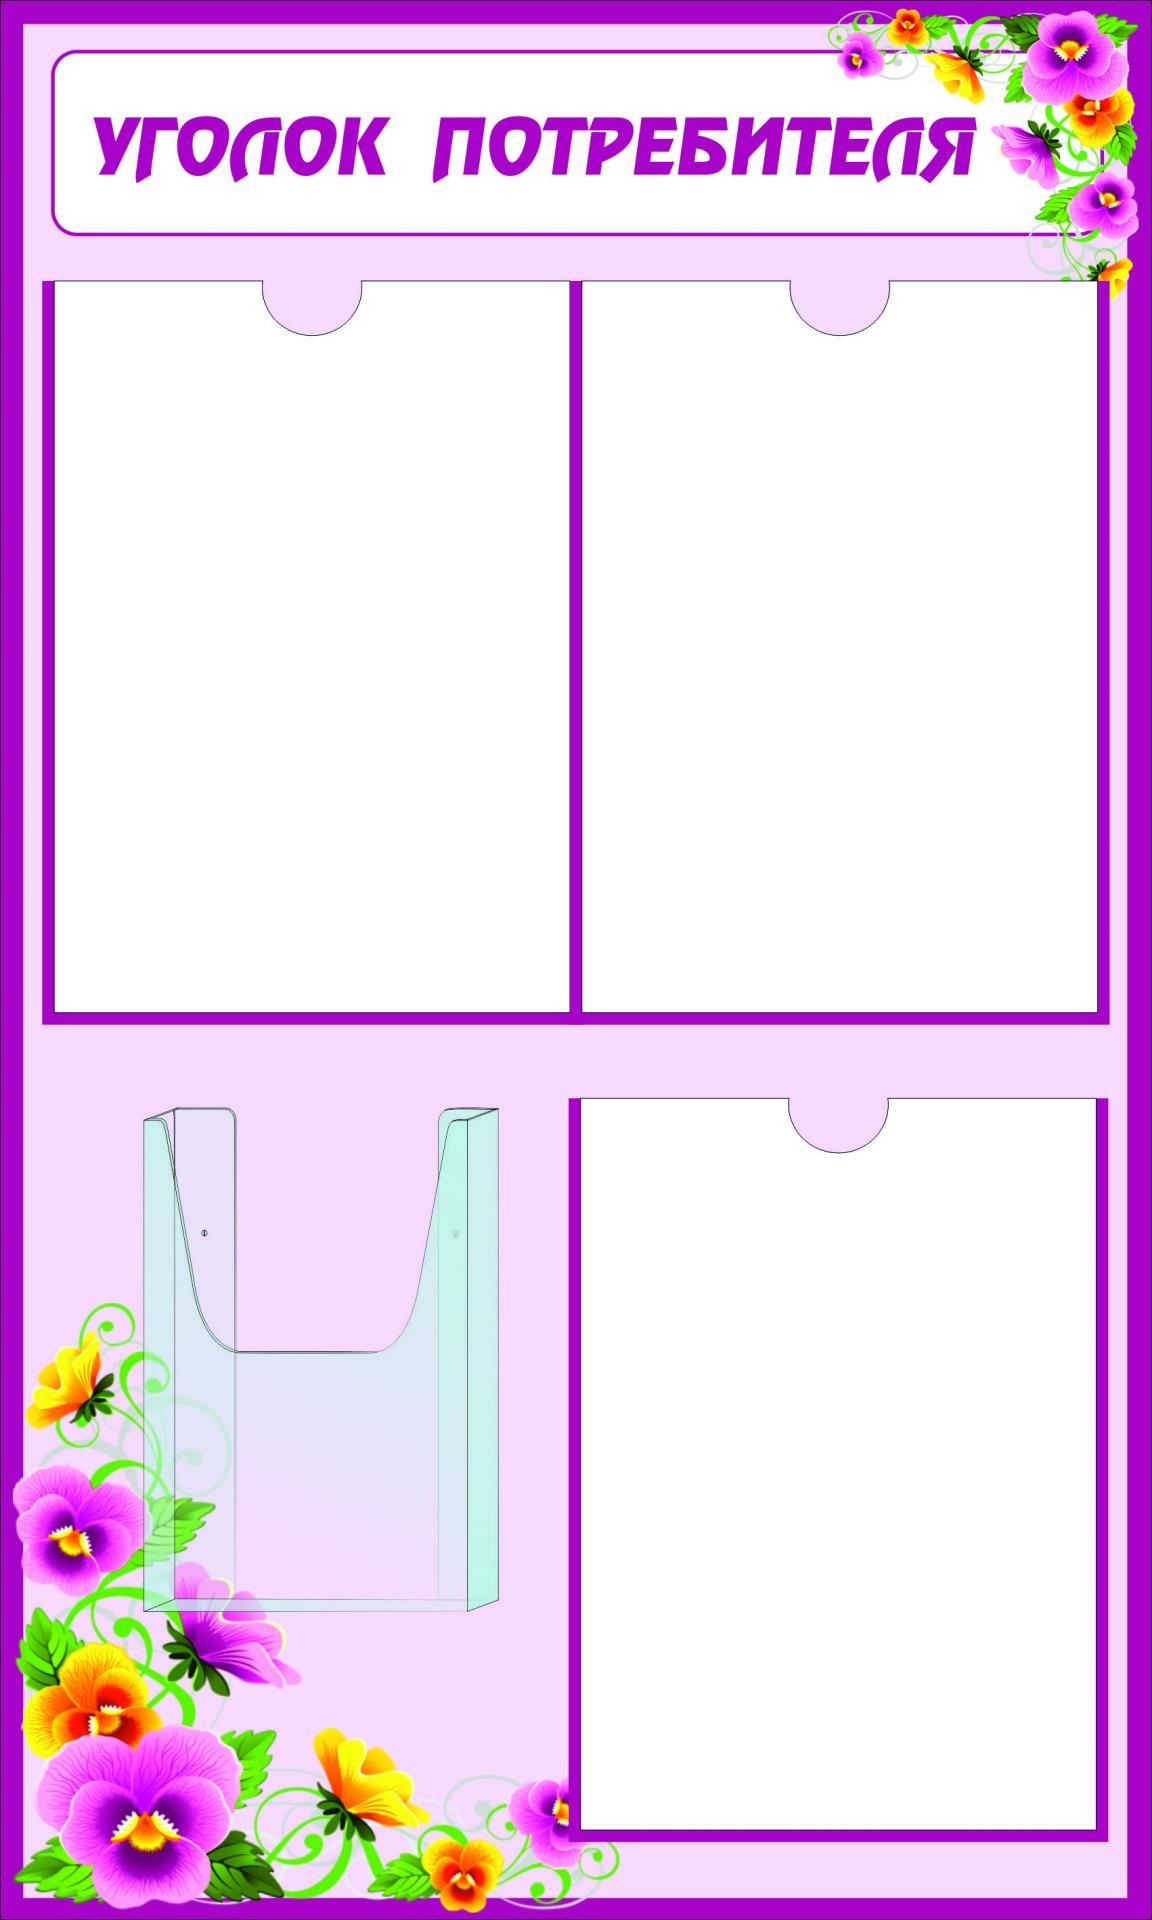 уголок потребителя для цветочного магазина